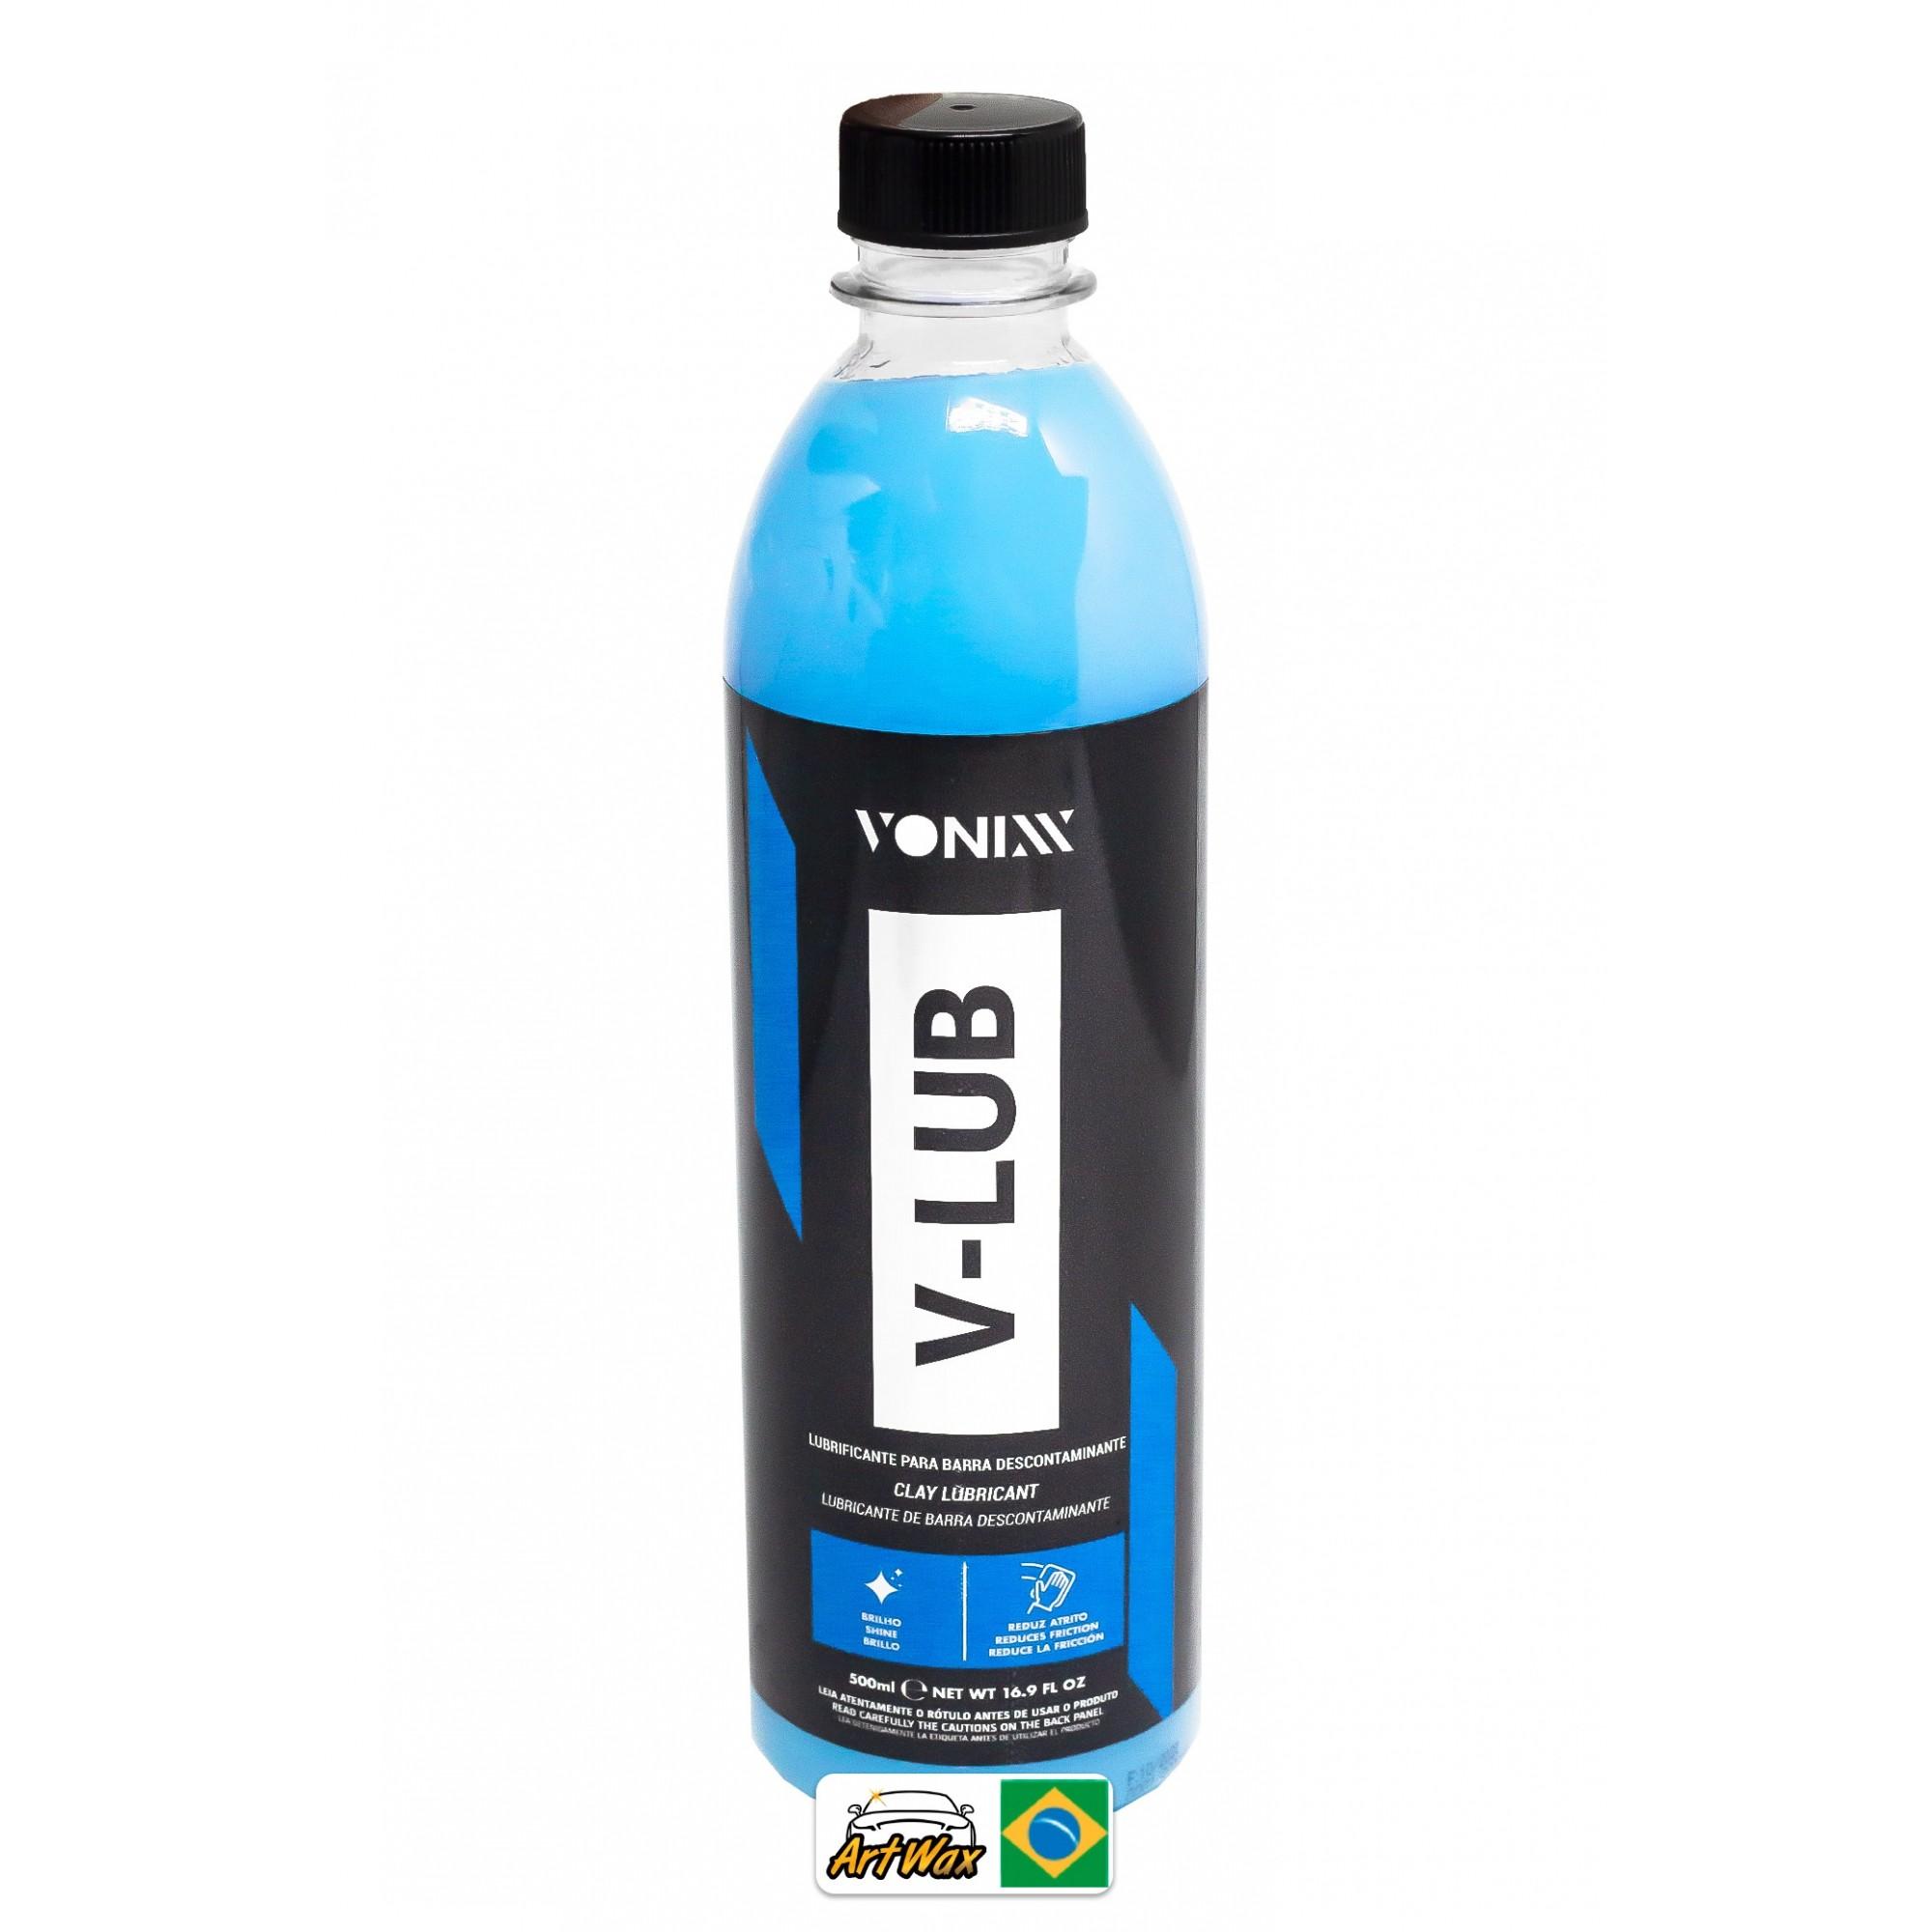 Vonixx V-Lub Lubrificante Para Barra Descontaminante 500ml (Sem Gatilho)